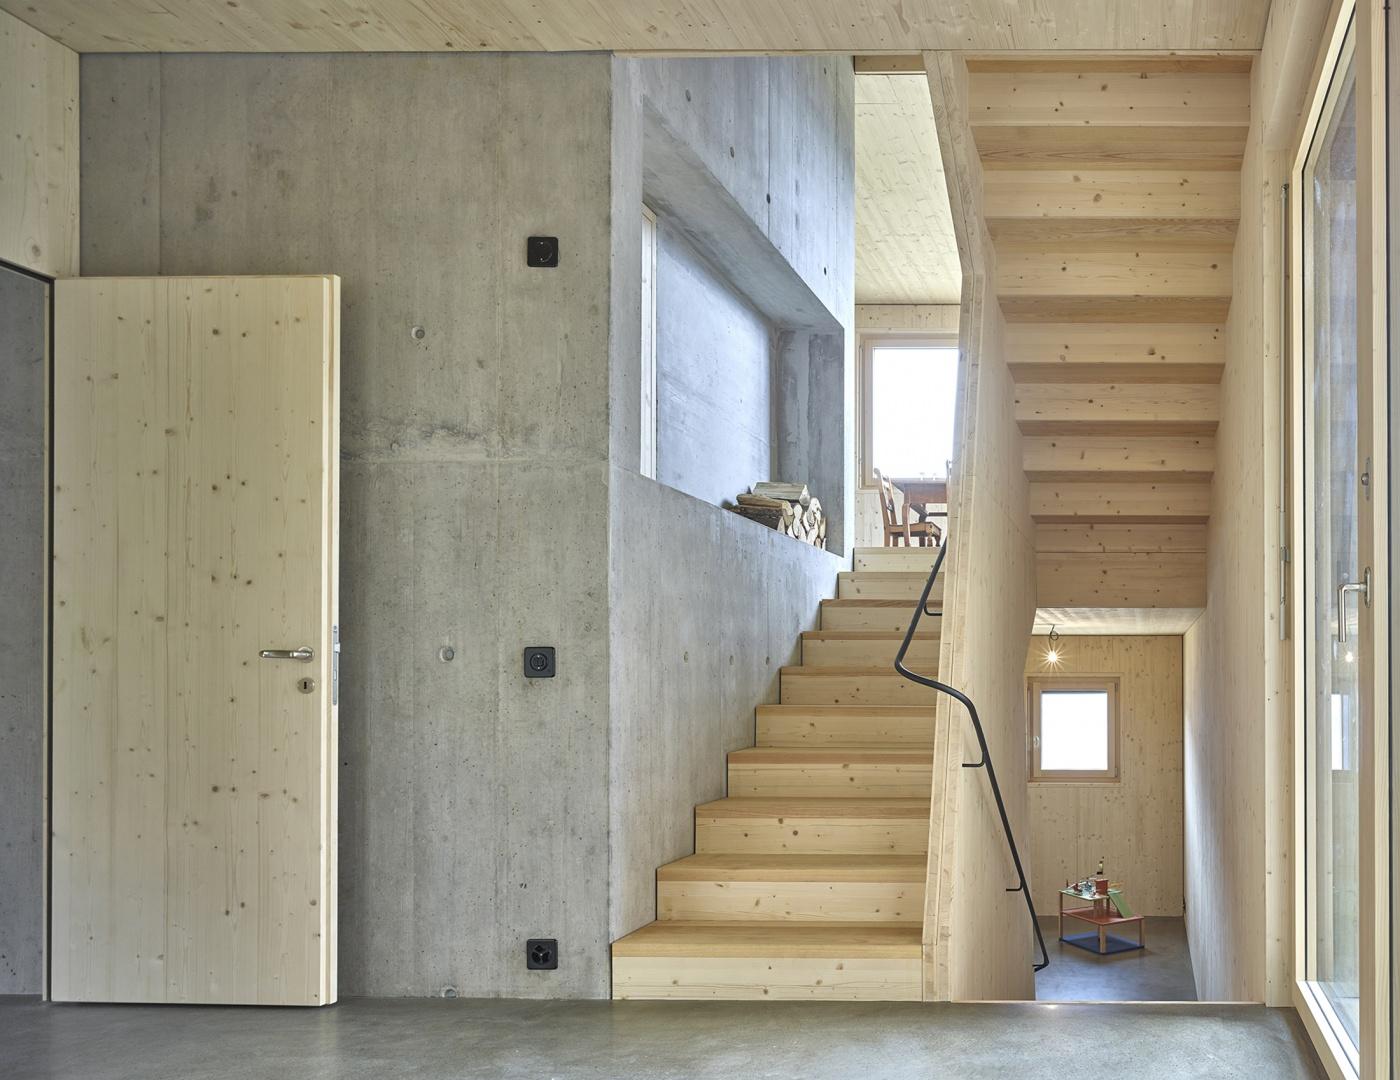 Wohnraum auf Gartenniveau © Philip Heckhausen, Zürich